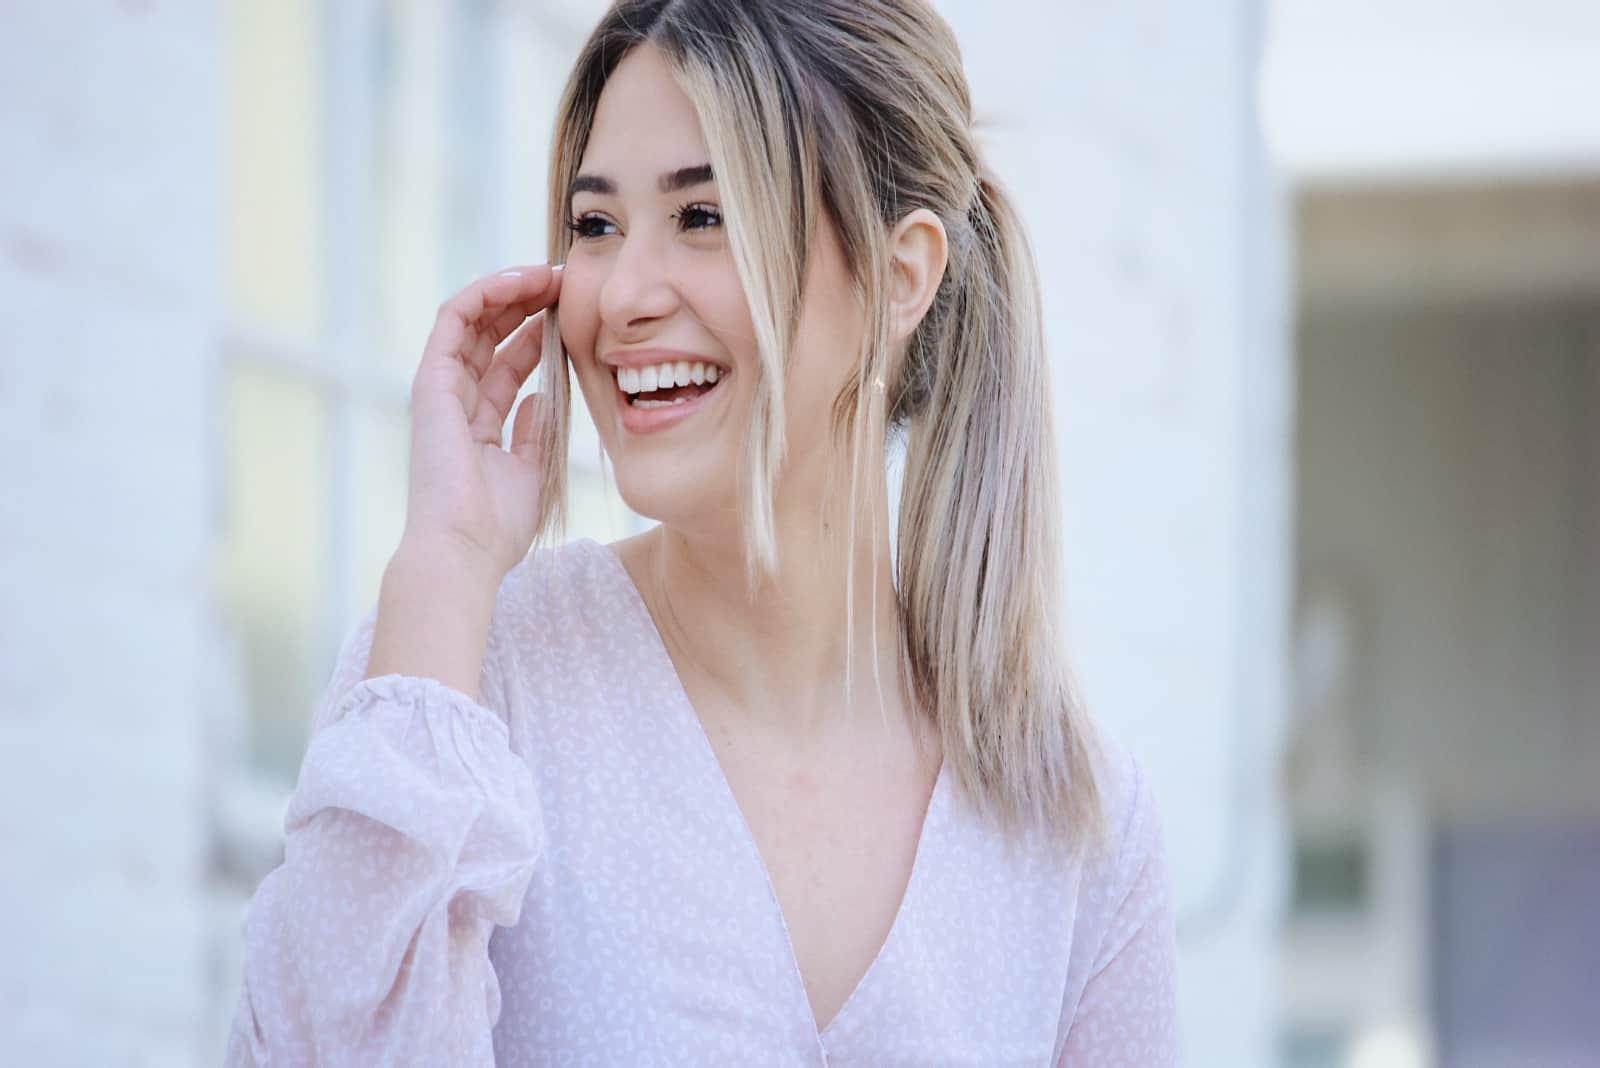 femme en blouse blanche souriant